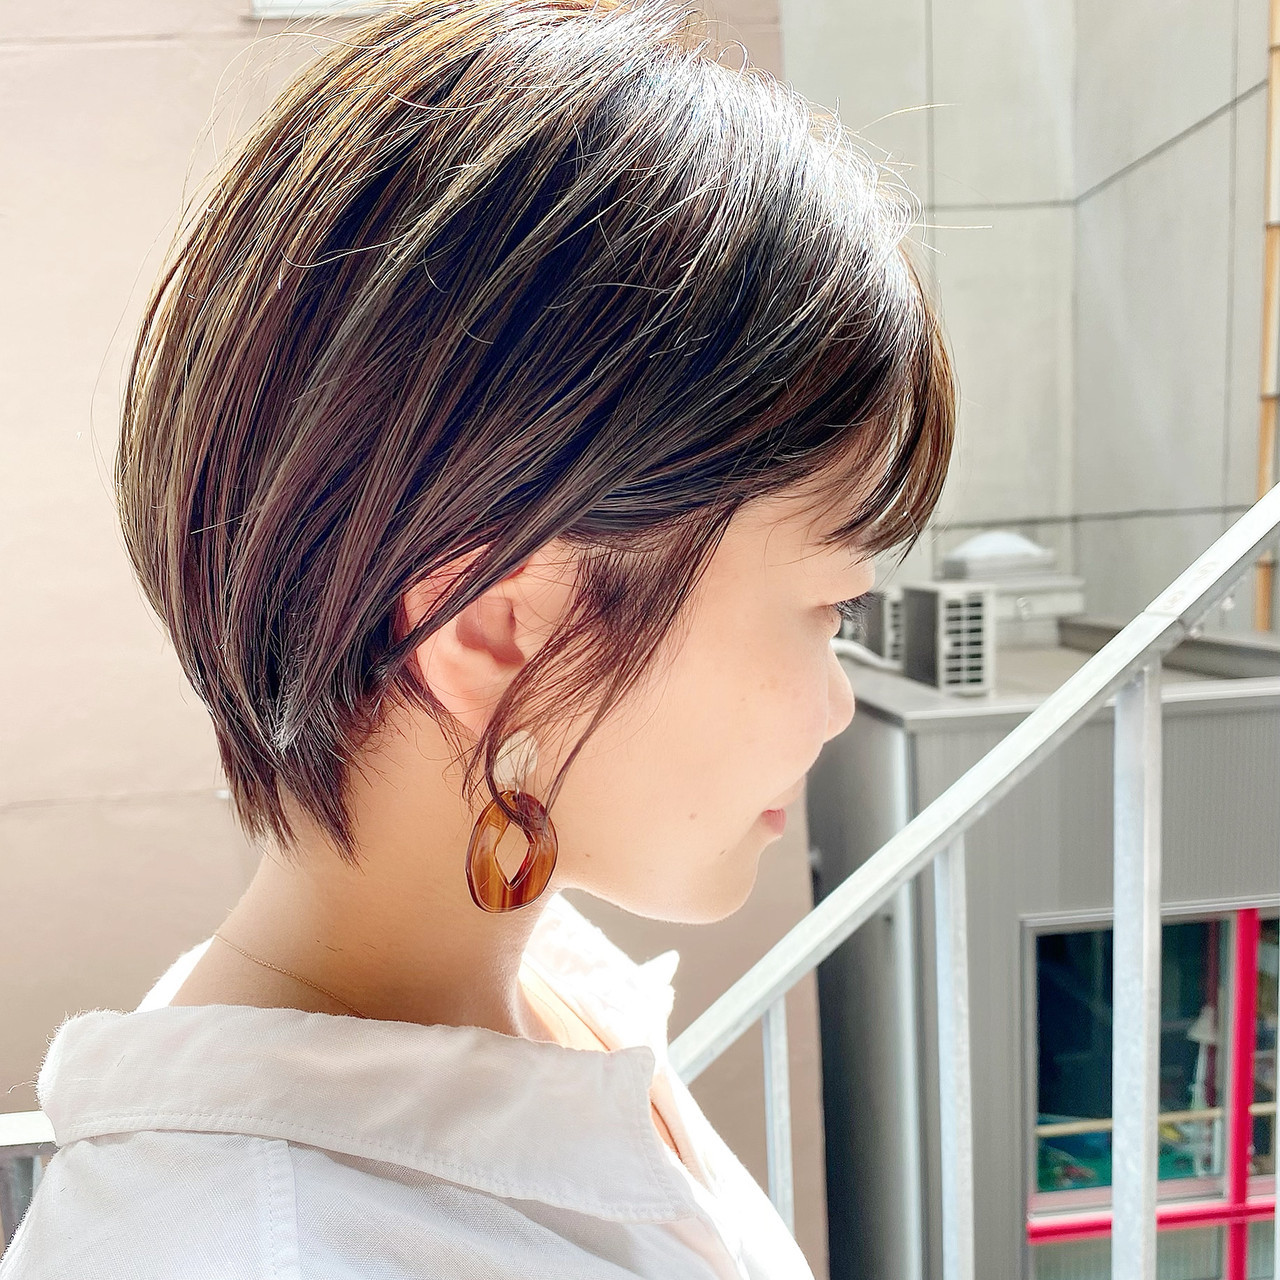 ショートボブ ナチュラル オフィス ショート ヘアスタイルや髪型の写真・画像